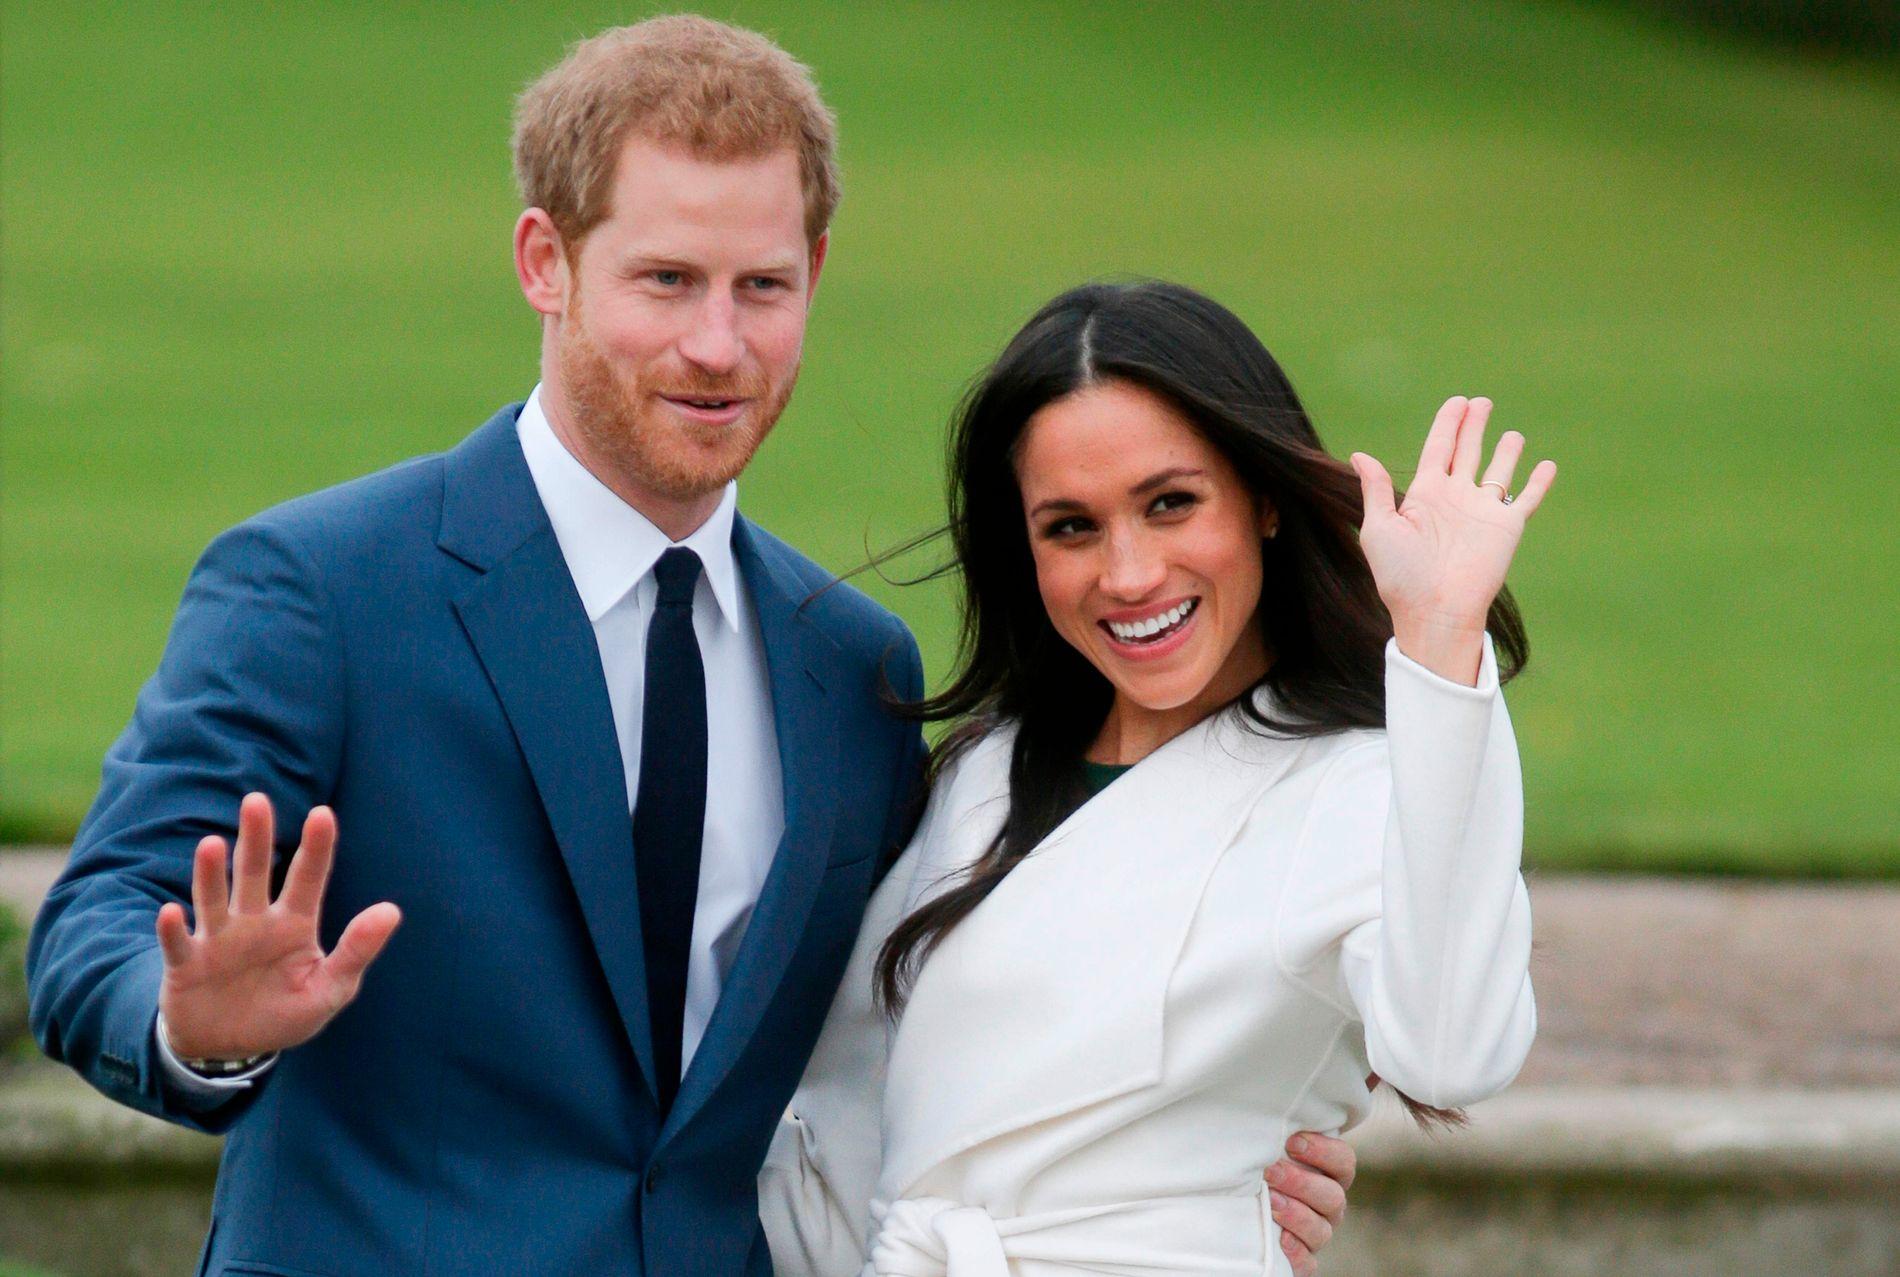 SNART BRYLLUPET: 19. mai gifter prins Harry og Meghan Markle seg i St. George's Kapell.